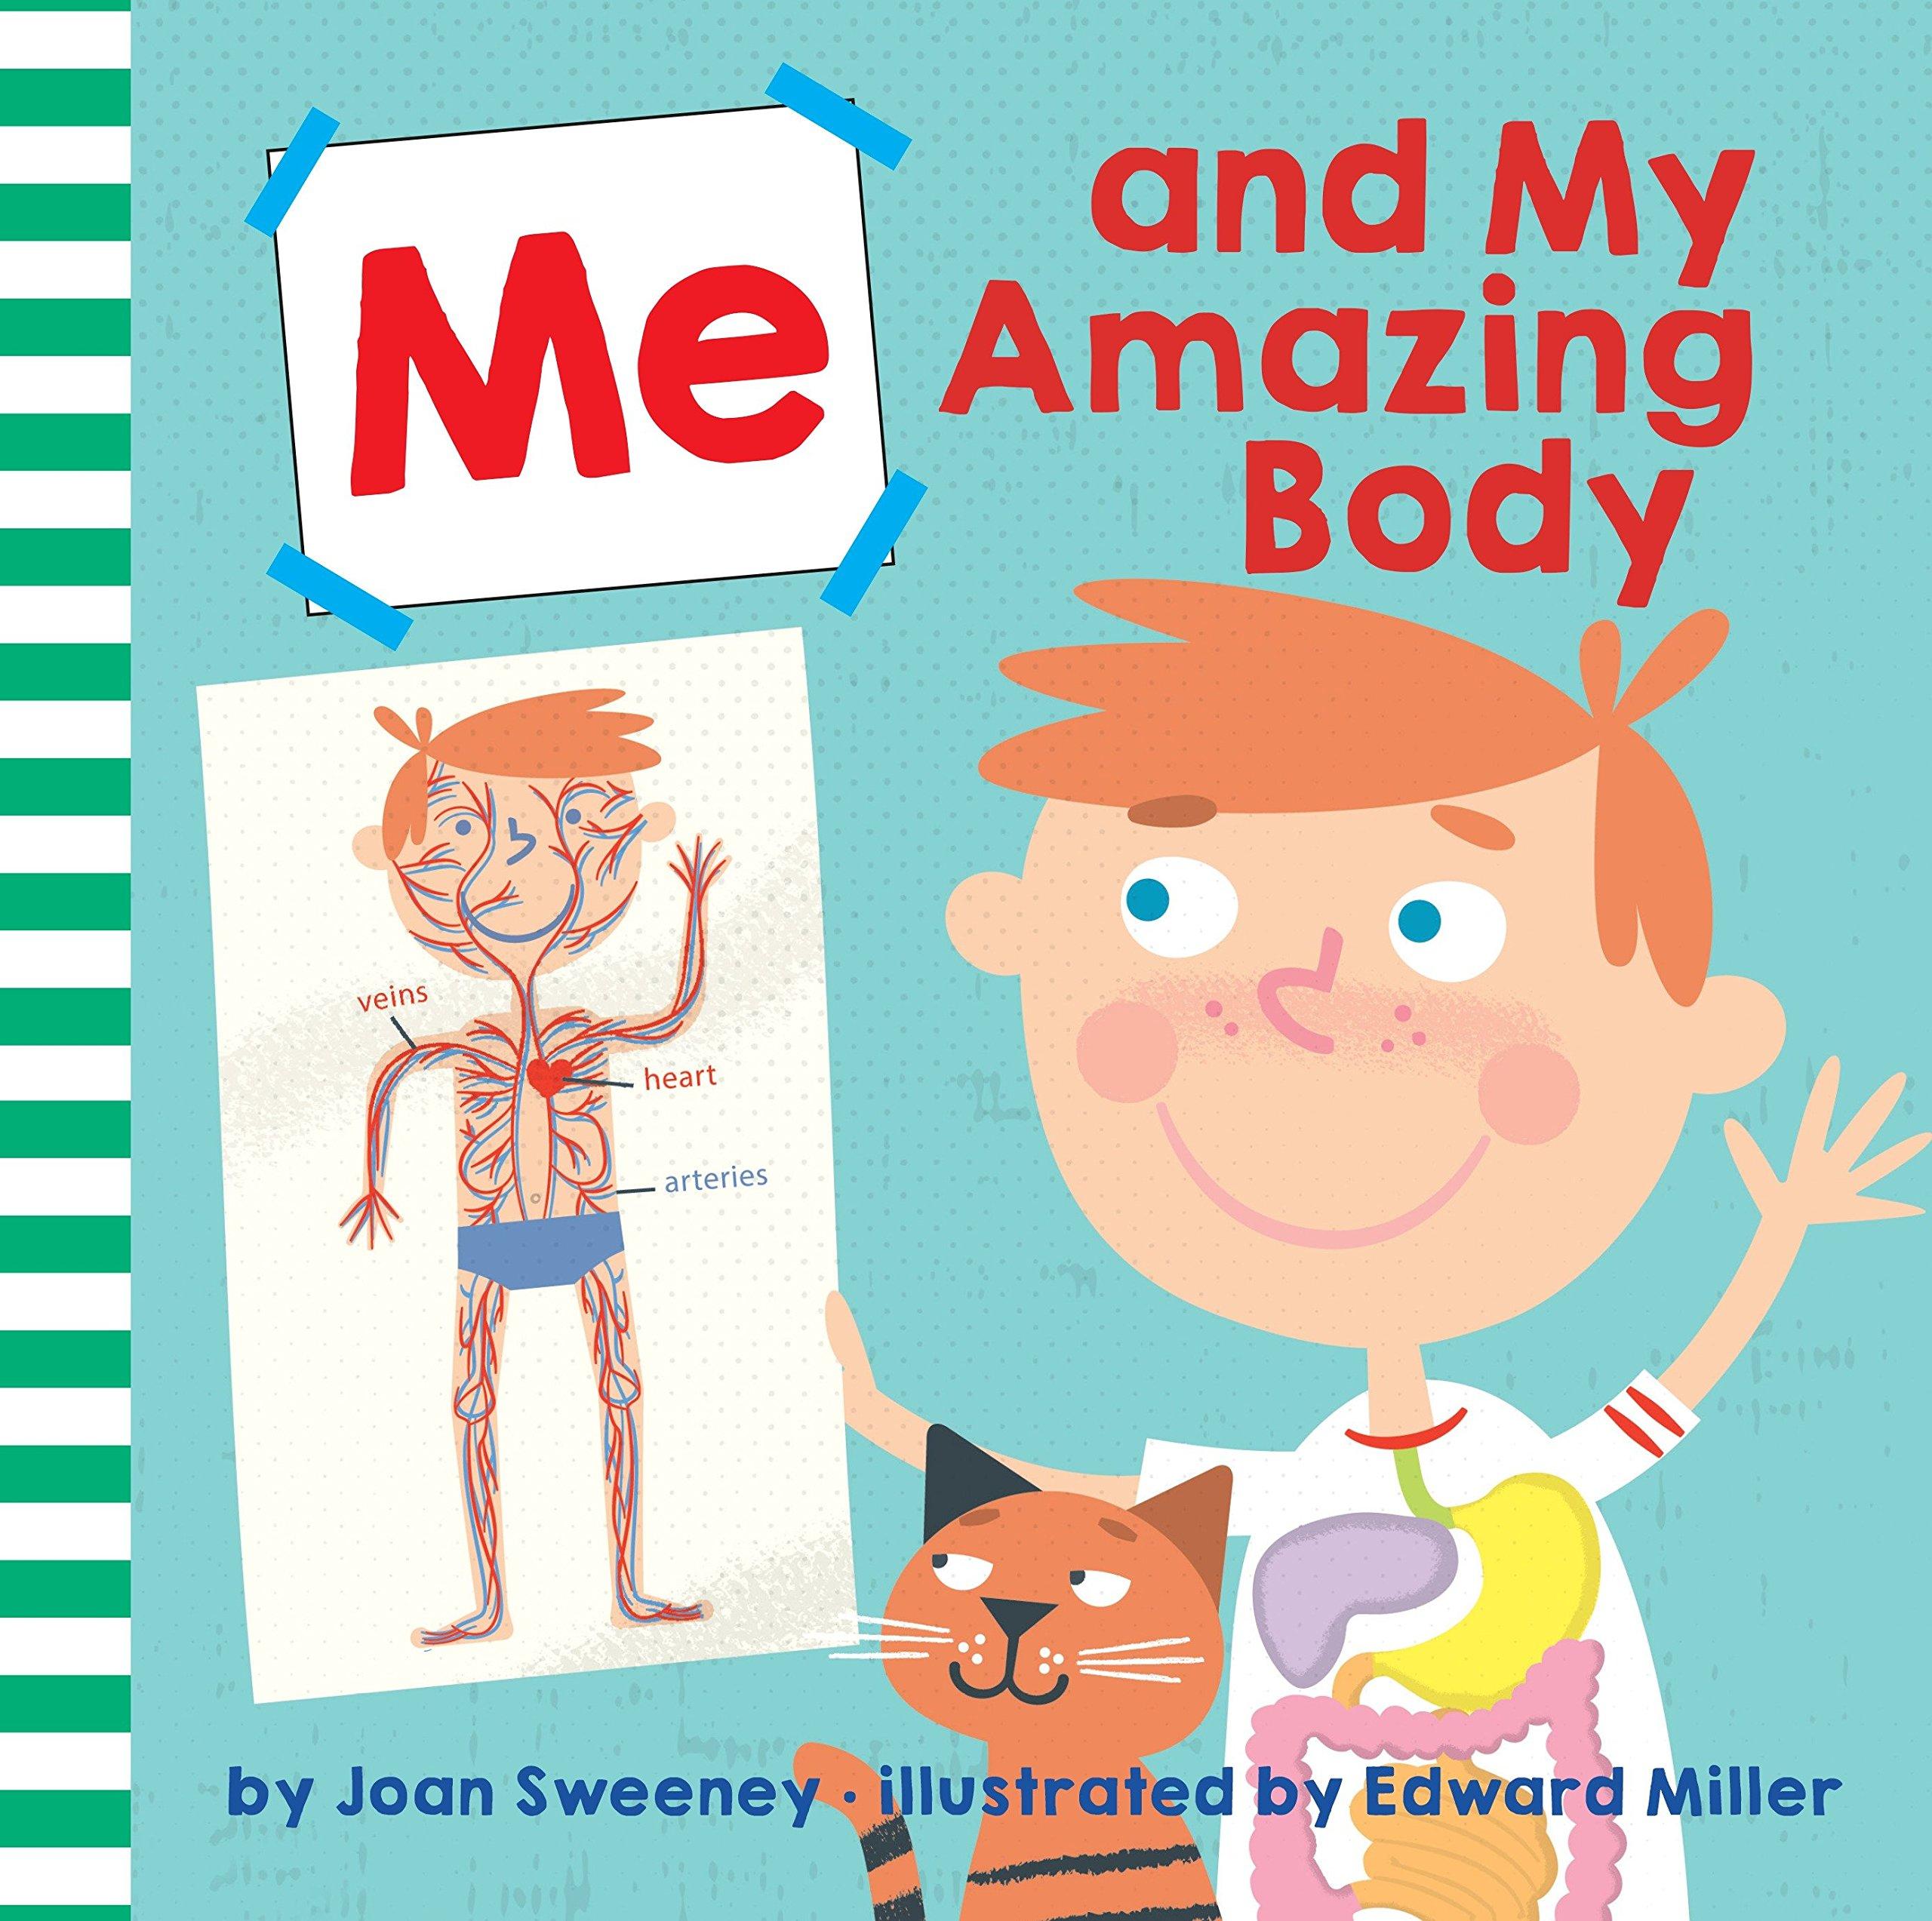 Me and My Amazing Body : Joan Sweeney, Ed Miller: Amazon.co.uk: Books